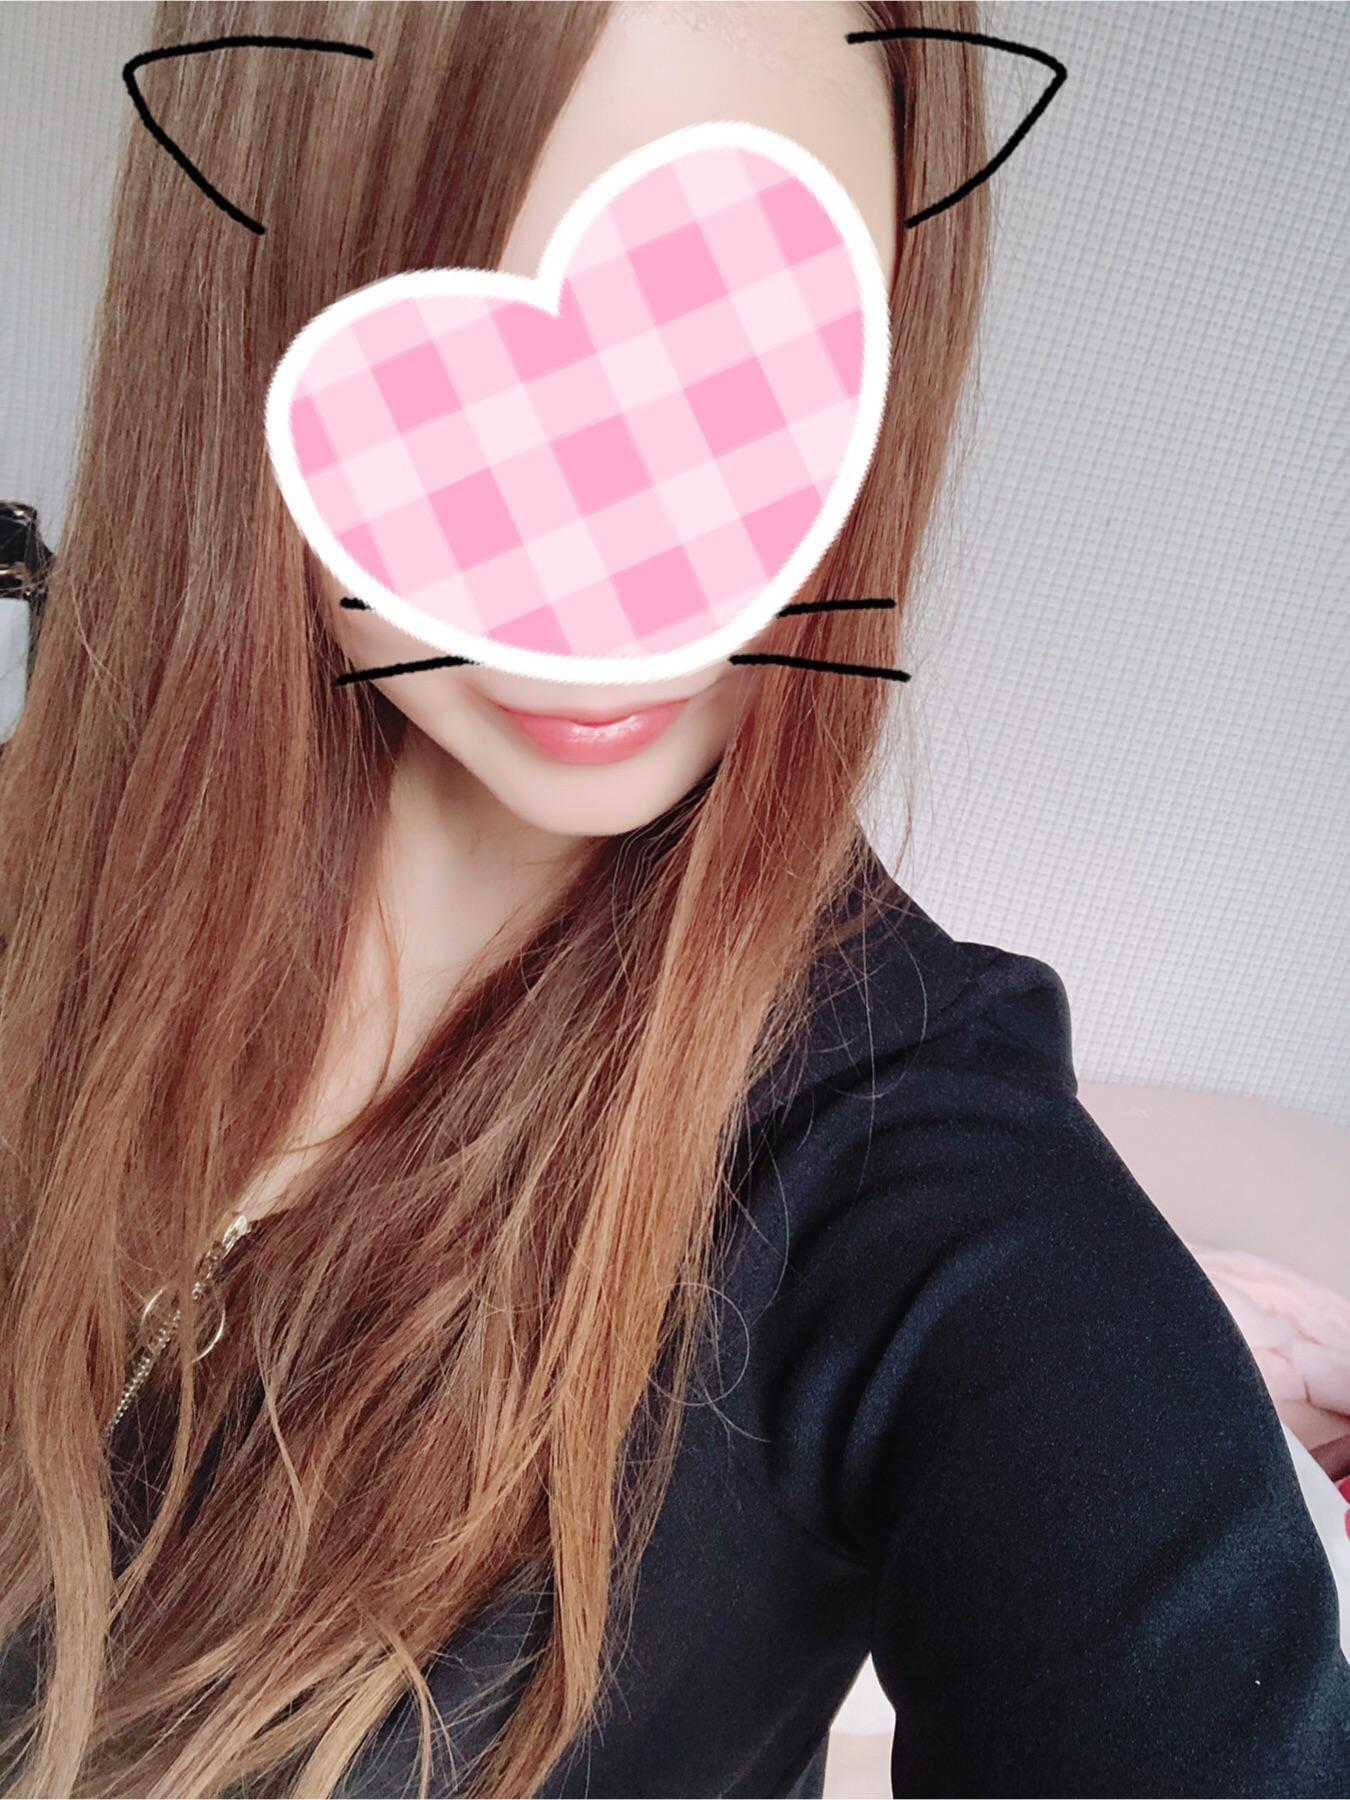 「こっそり〜」05/20日(日) 22:20 | ゆまの写メ・風俗動画